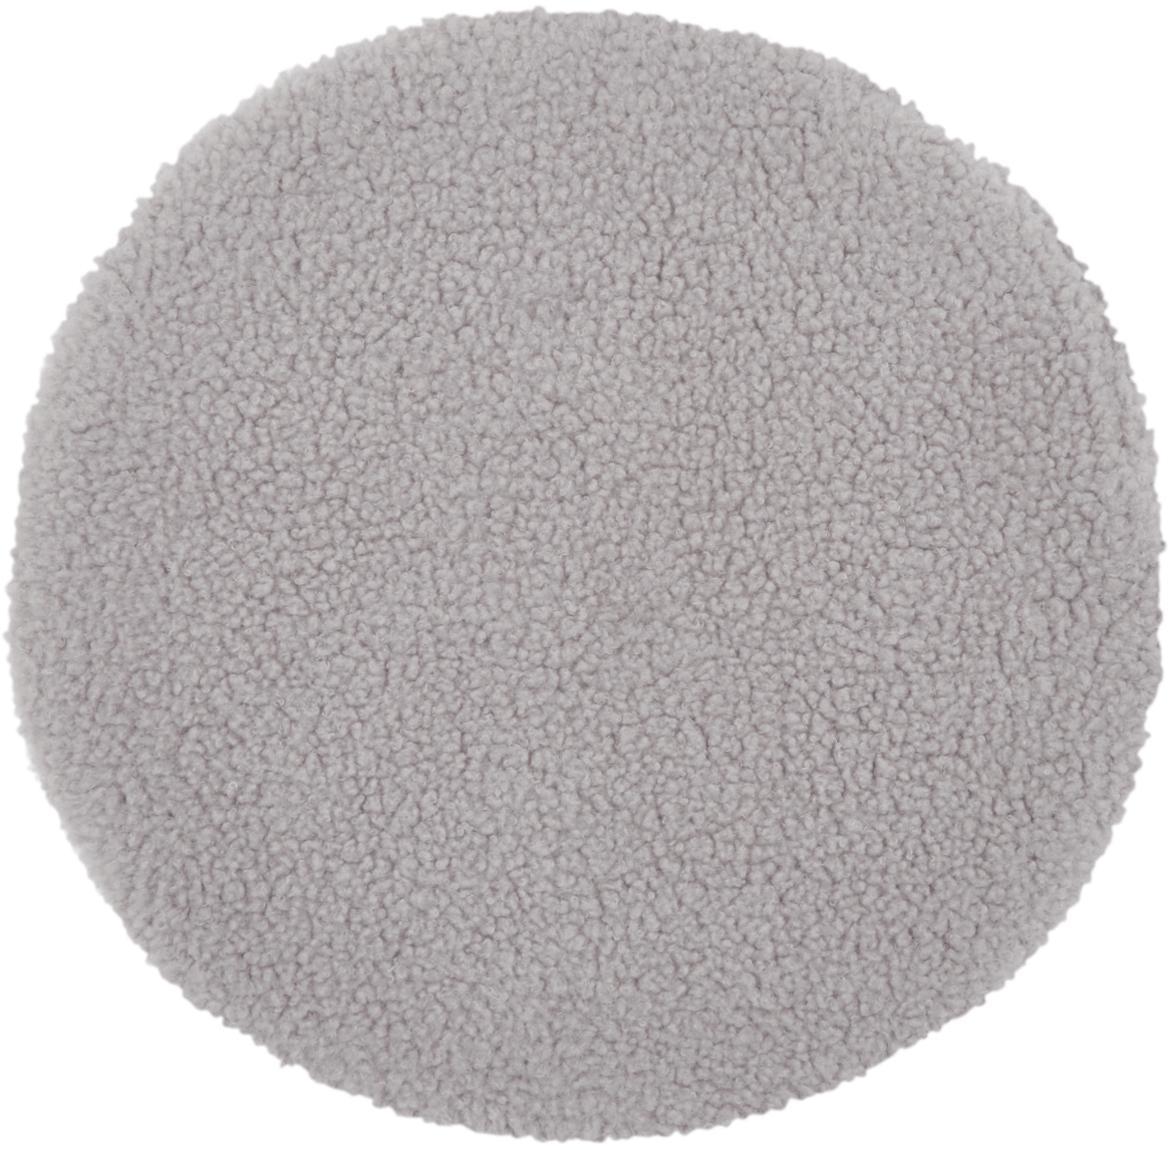 Cuscino sedia in tessuto teddy Mille, Retro: 100% poliestere, Grigio chiaro, Ø 37 cm